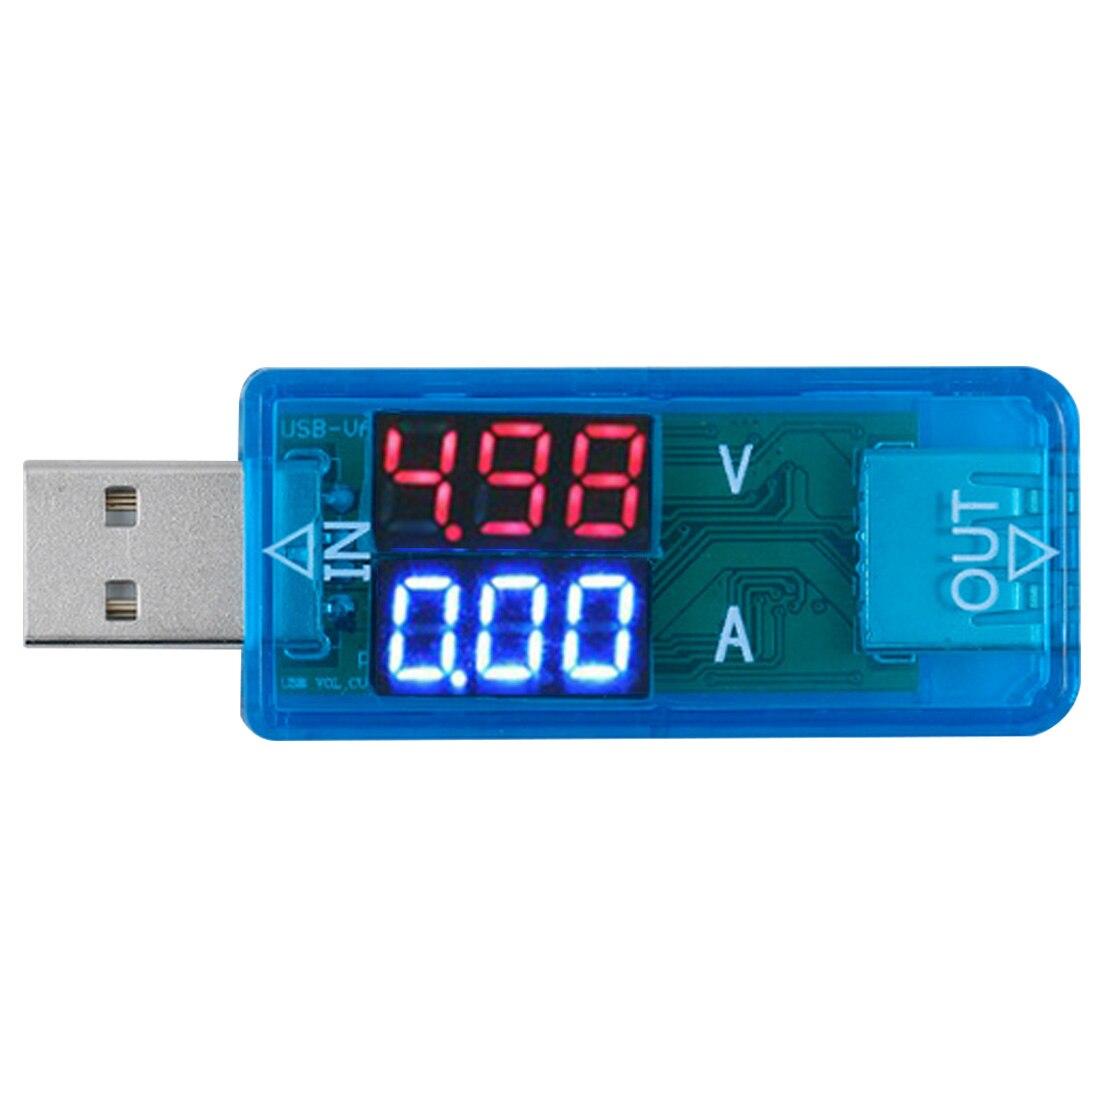 Mini USB Charger Doctor Voltmeter USB Mobile Power Charging Current Voltage Tester Meter DC3.2-10V 0-3A Electronics Digital